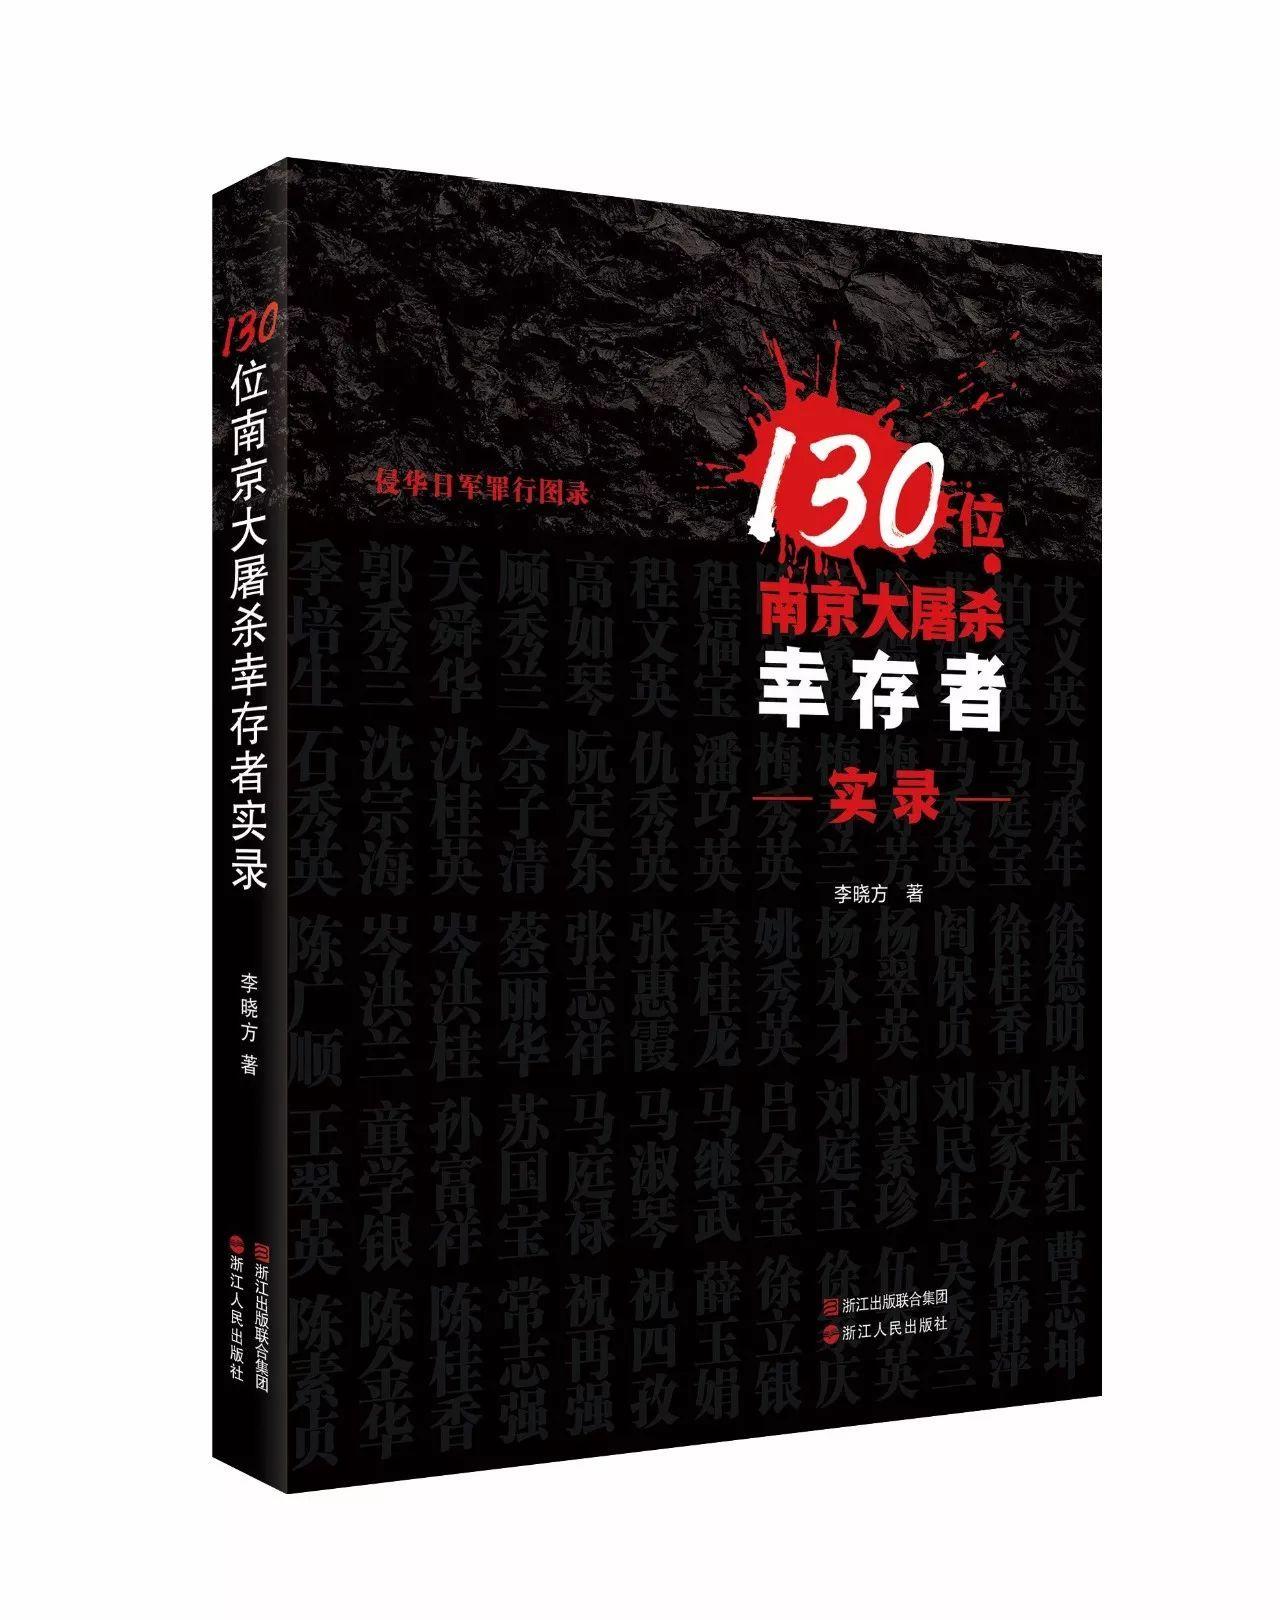 130位老人的泣血控诉,需要你侧耳倾听  《南京大屠杀幸存者实录》出版